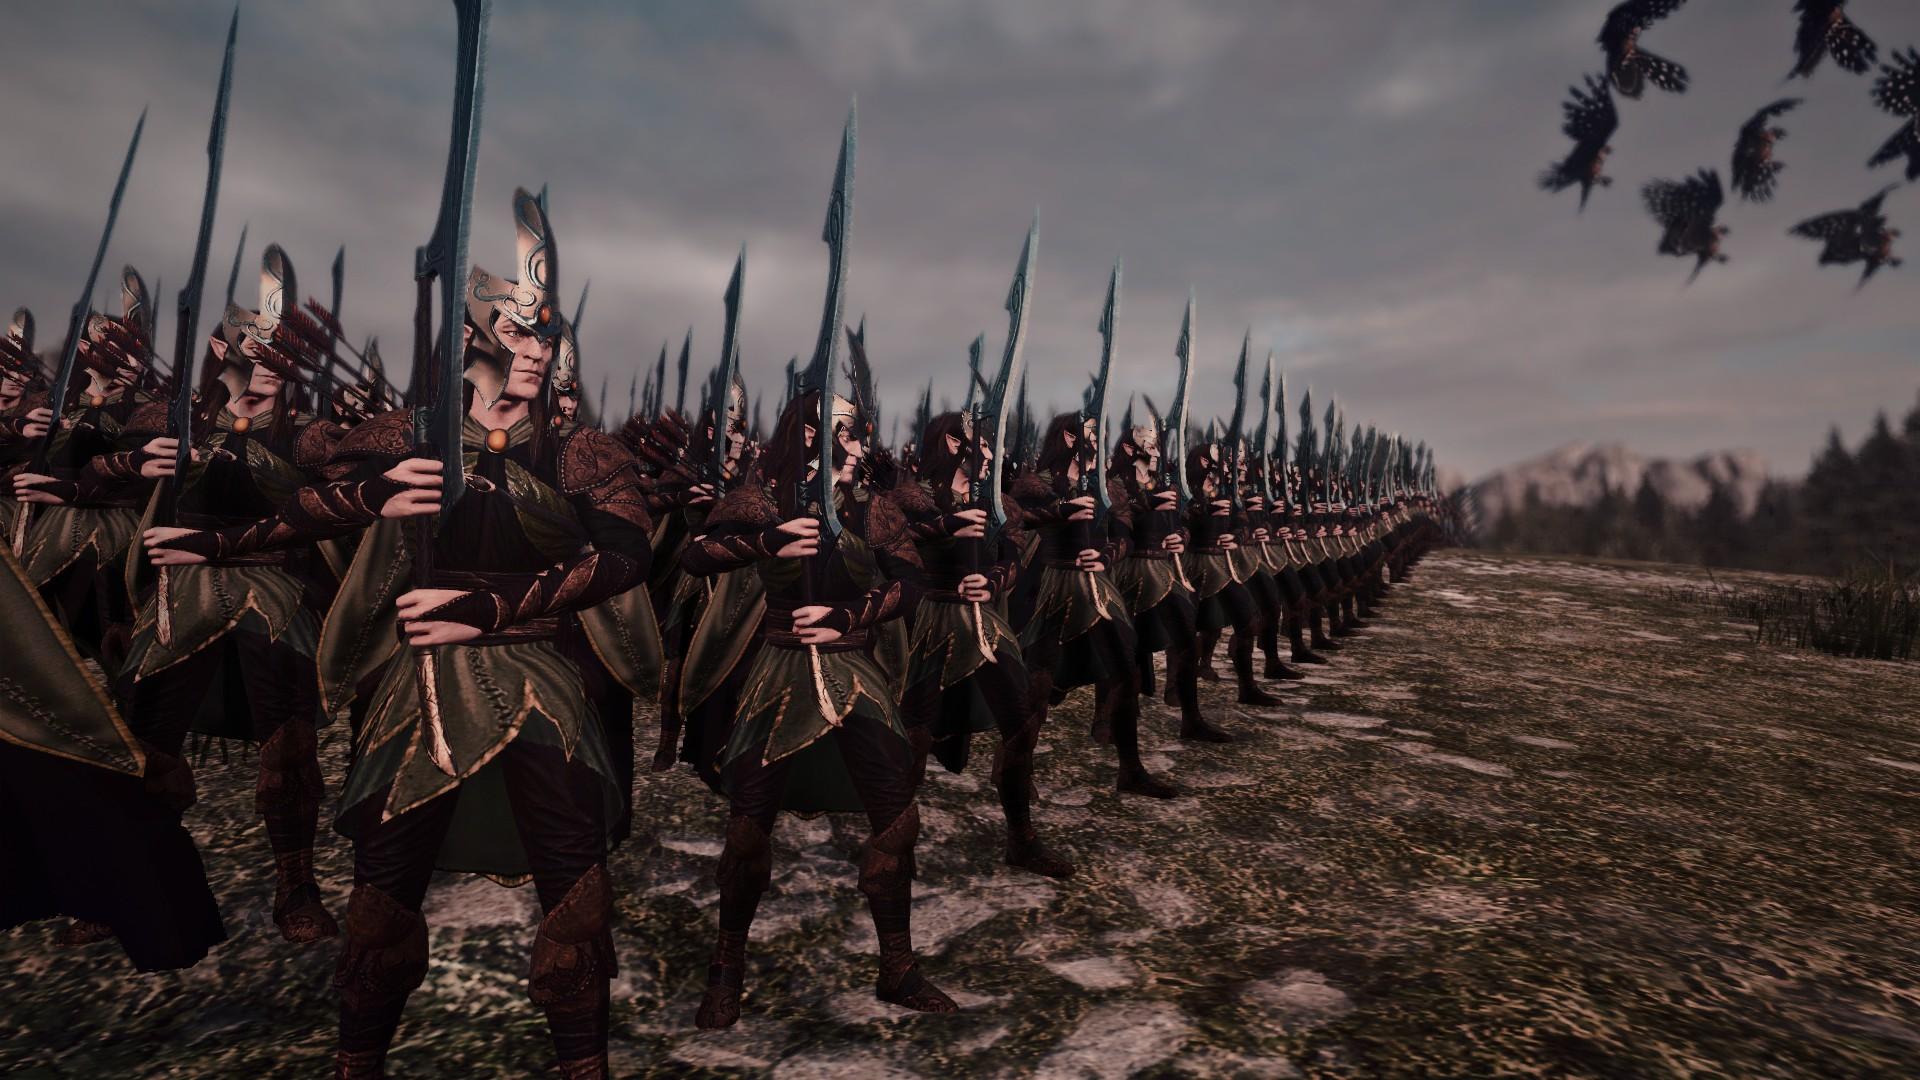 Wood Elves At War - Total War: Warhammer 2 Mods | GameWatcher